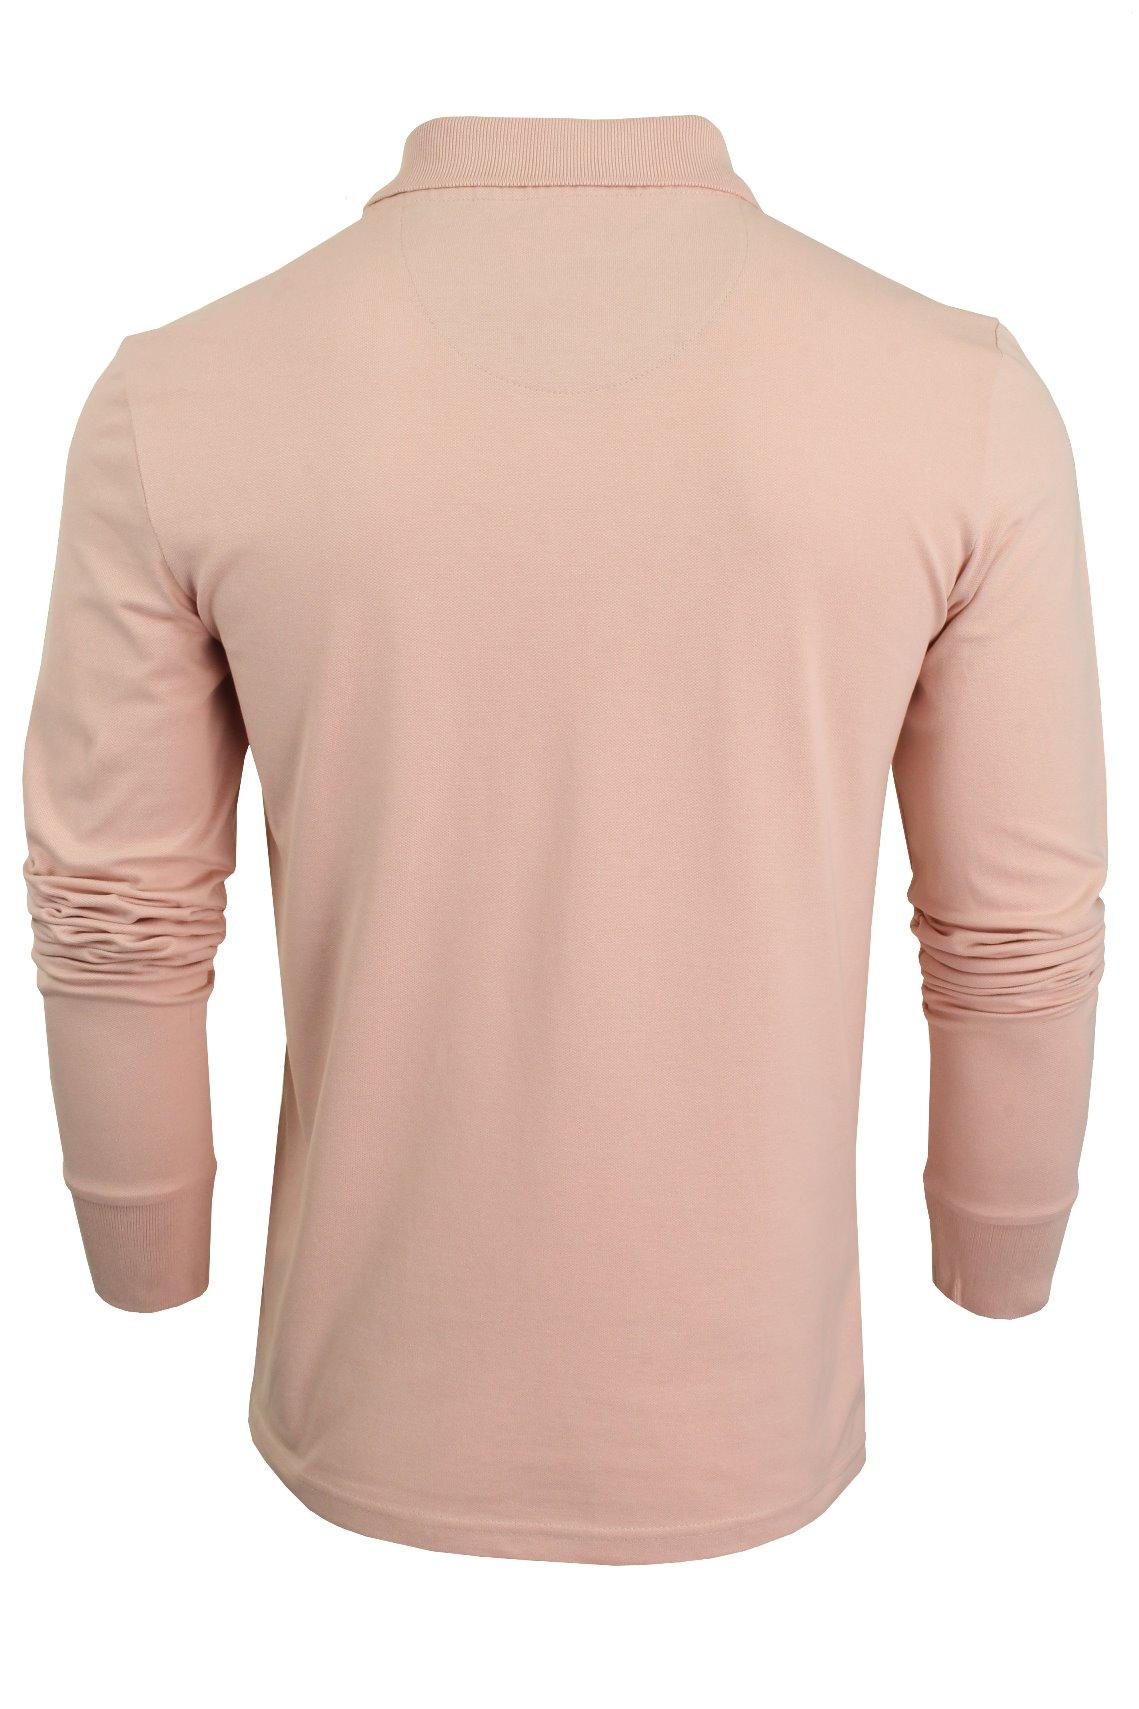 Camiseta-Polo-Para-Hombre-Por-Xact-pique-de-manga-larga miniatura 17